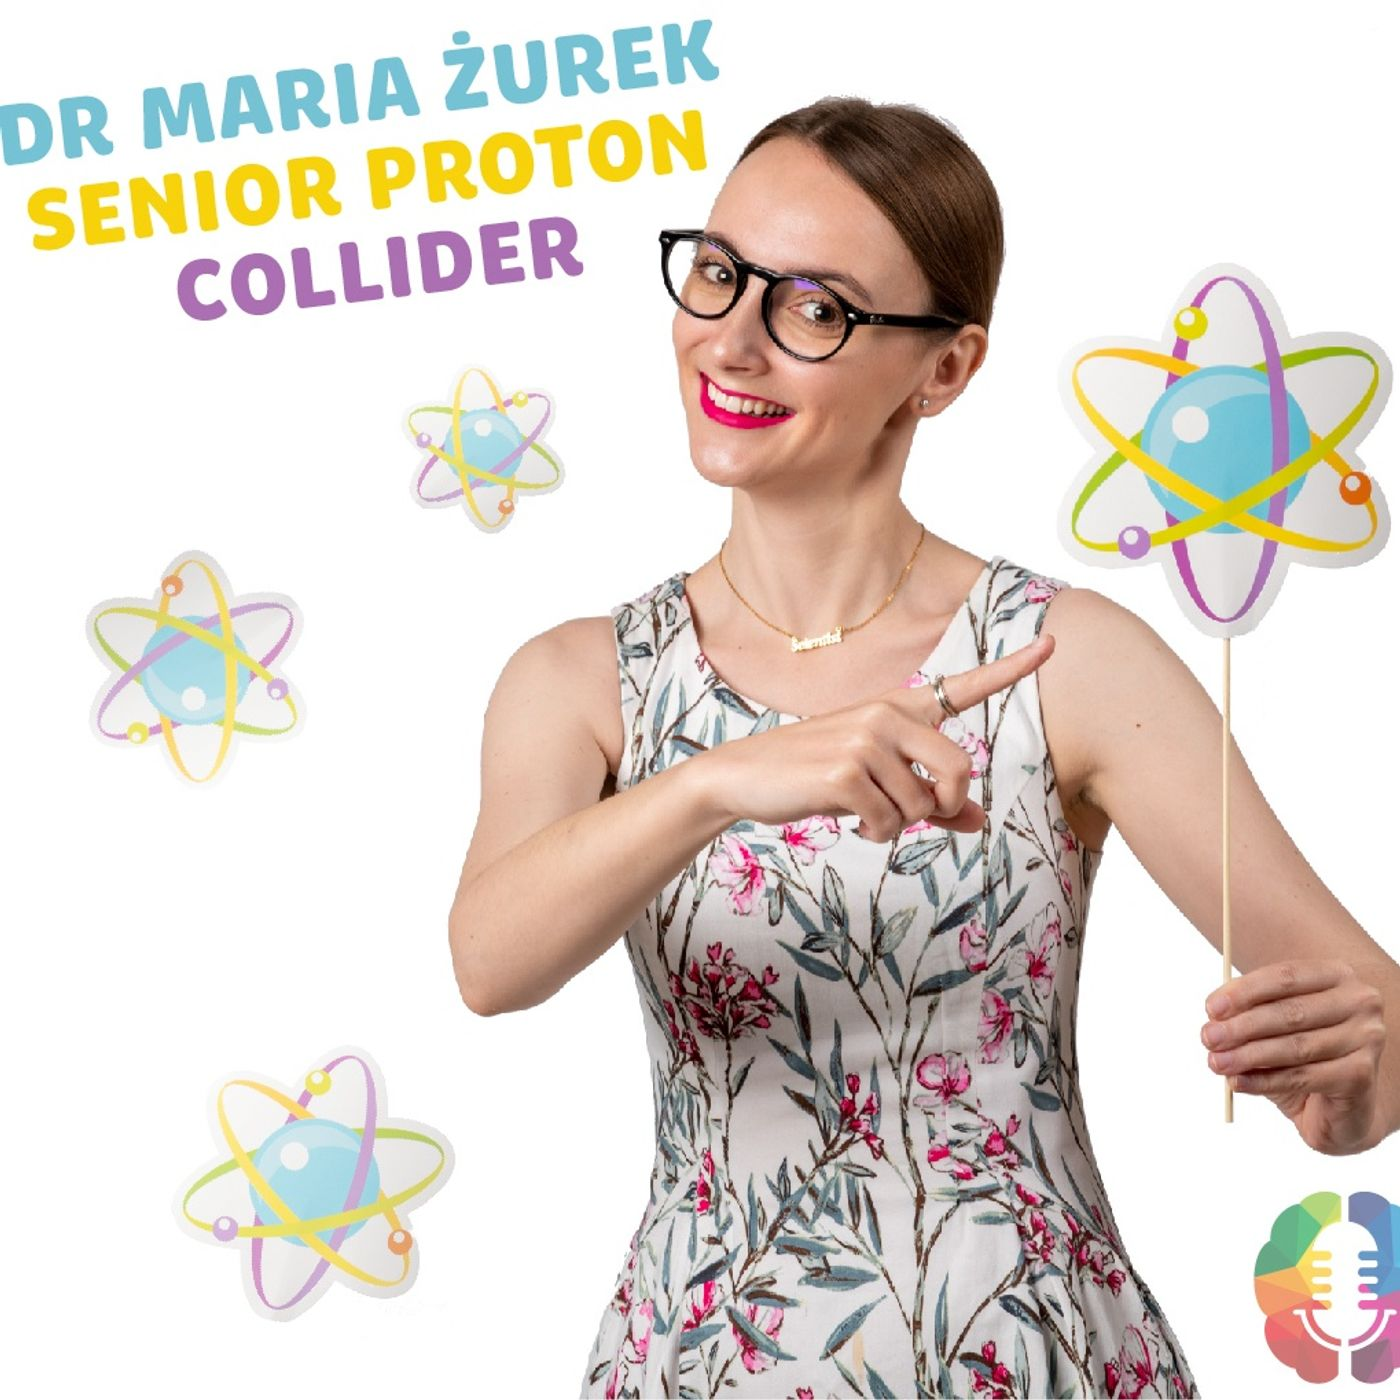 #39 Co się dzieje we wnętrzu protonu i dlaczego tak wiele? Podcast o zderzaniu cząstek w praktyce   dr Maria Żurek